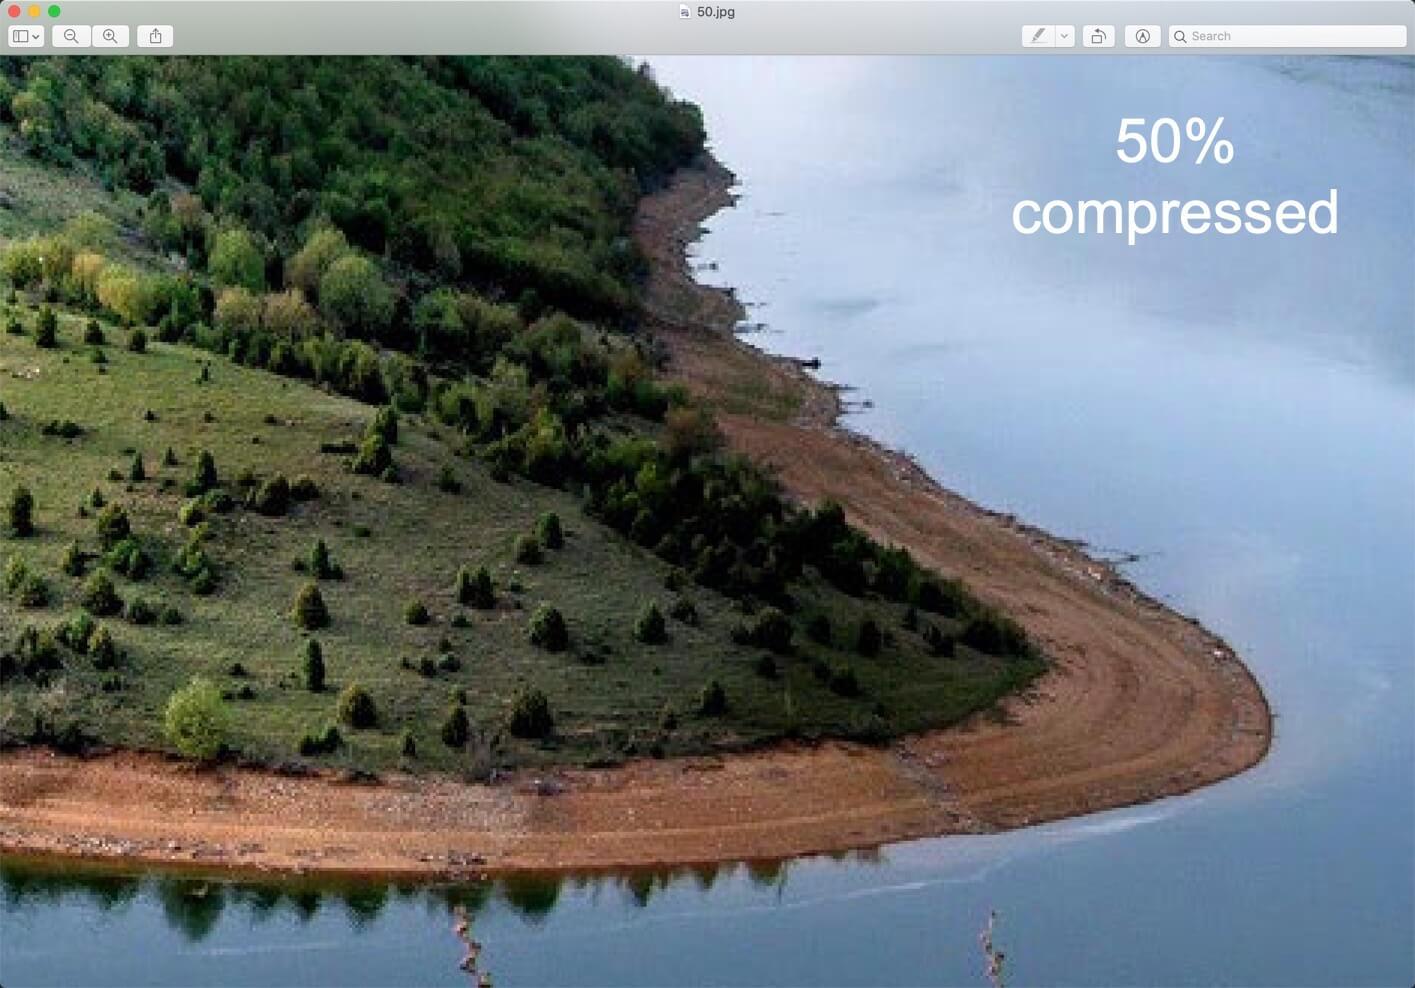 50-2 - JPEG Save Options Explained - Photoshop